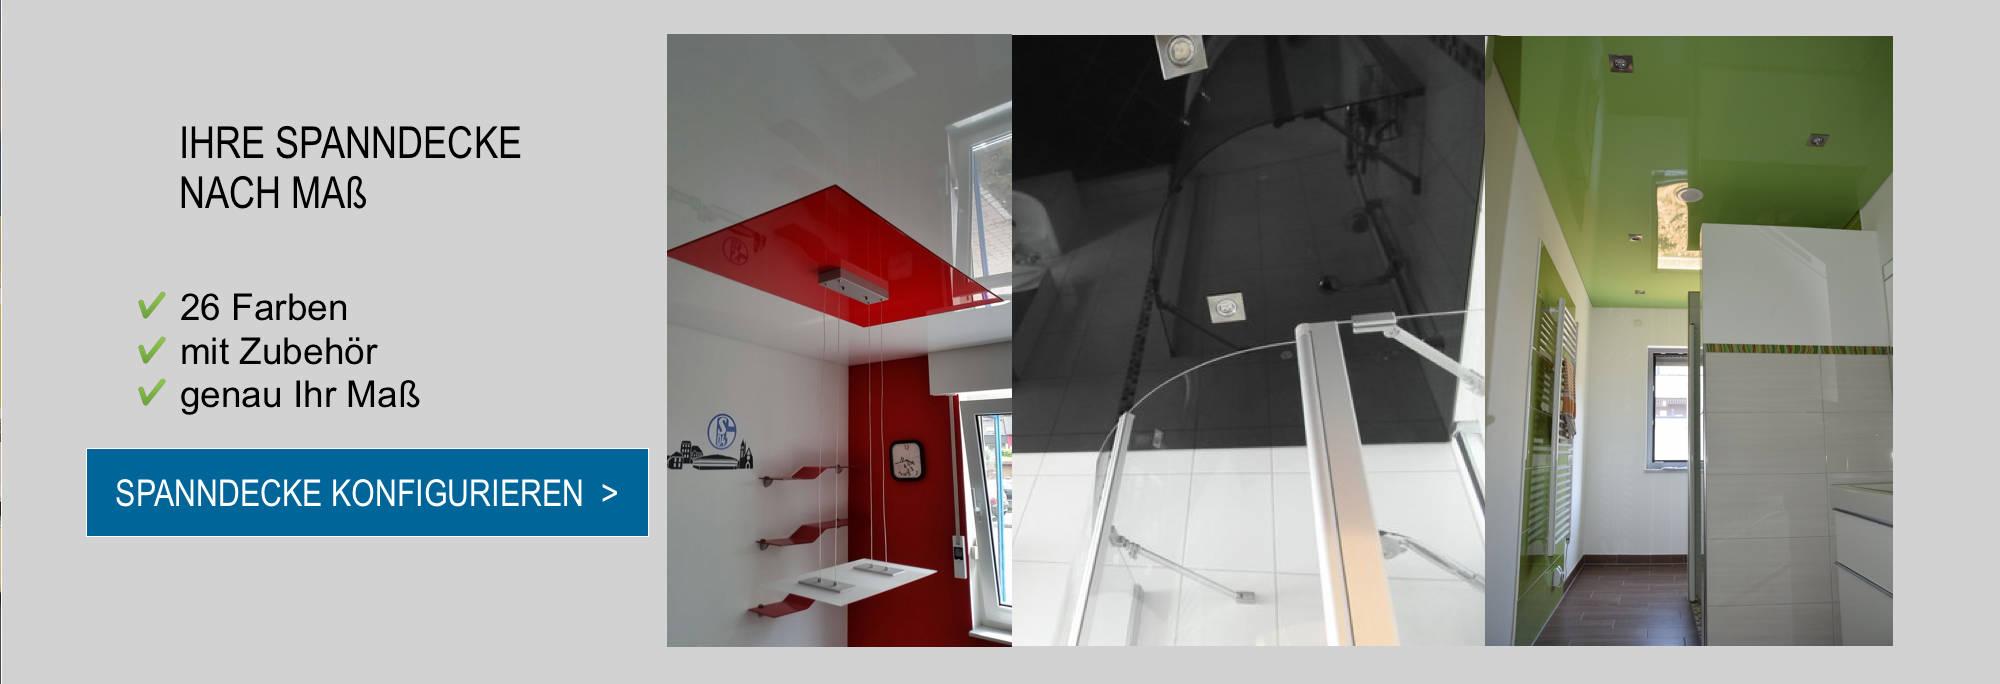 Super Spanndeckenshop24 - Spanndecken im Shop günstig kaufen QC65